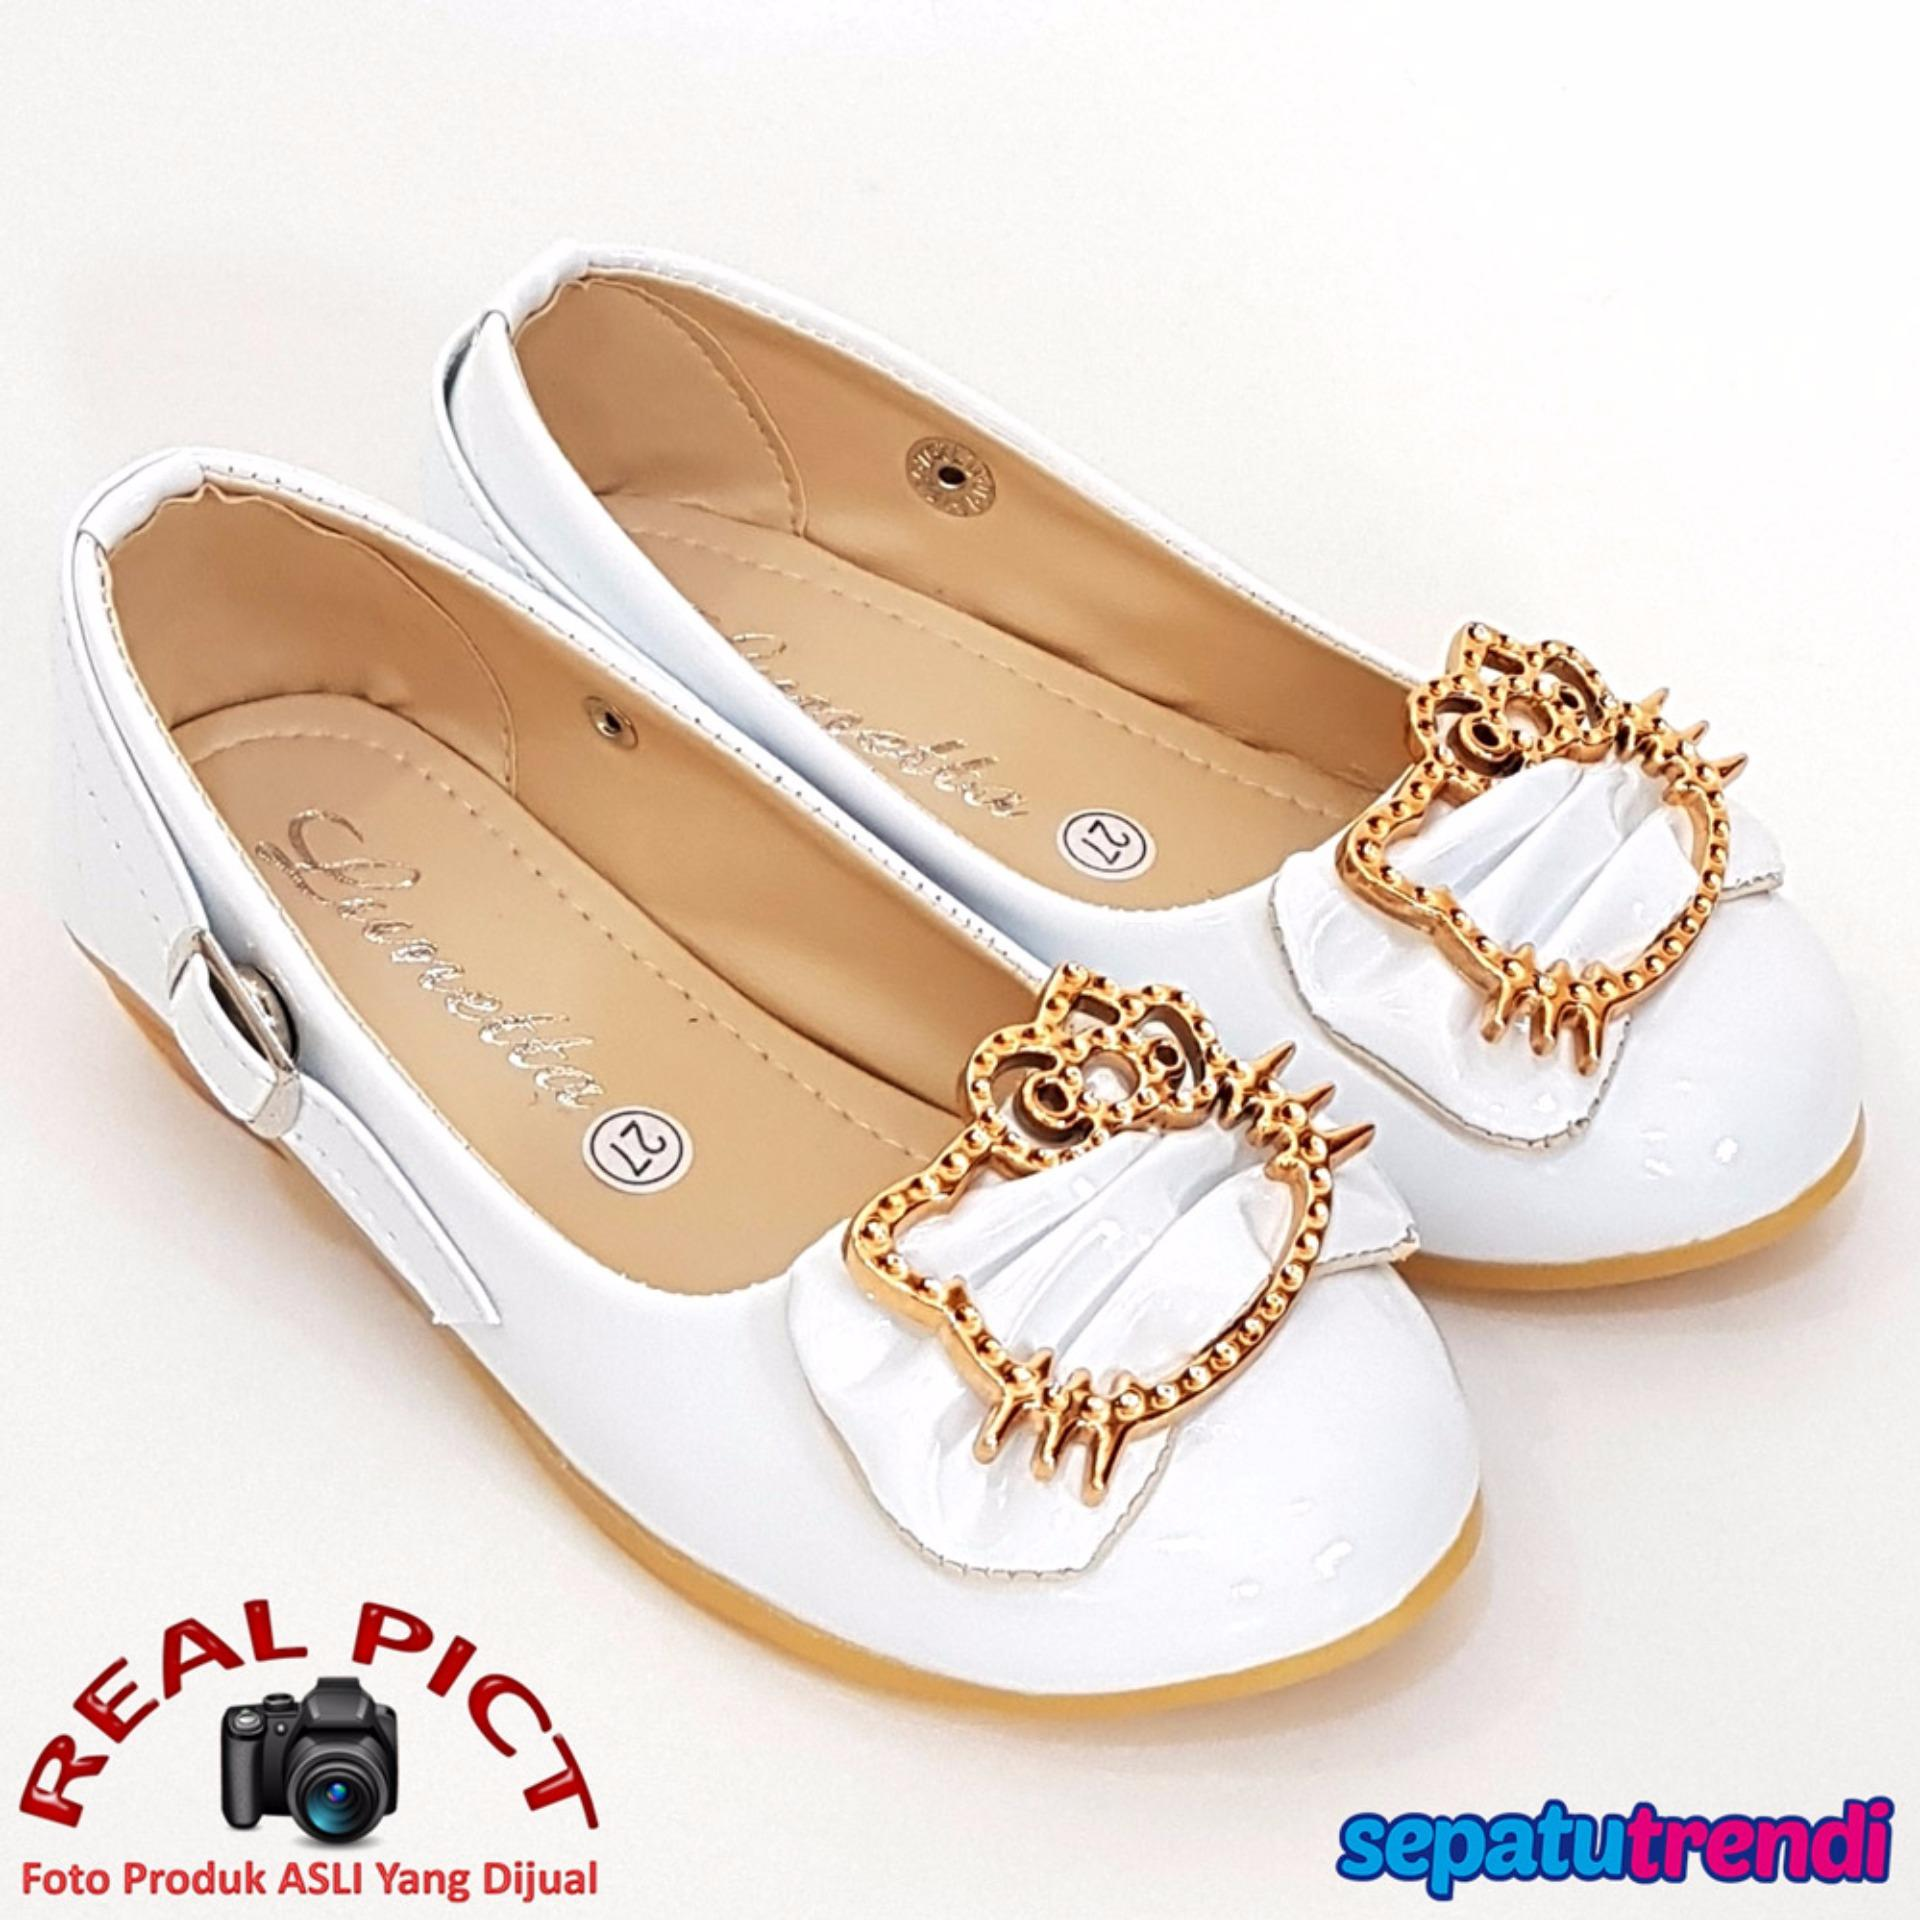 Toko Indonesia Perbandingan Harga Sepatu Anak Perempuan 12 08 18 Santica Michiko Trendishoes Cantik Lnhk Putih